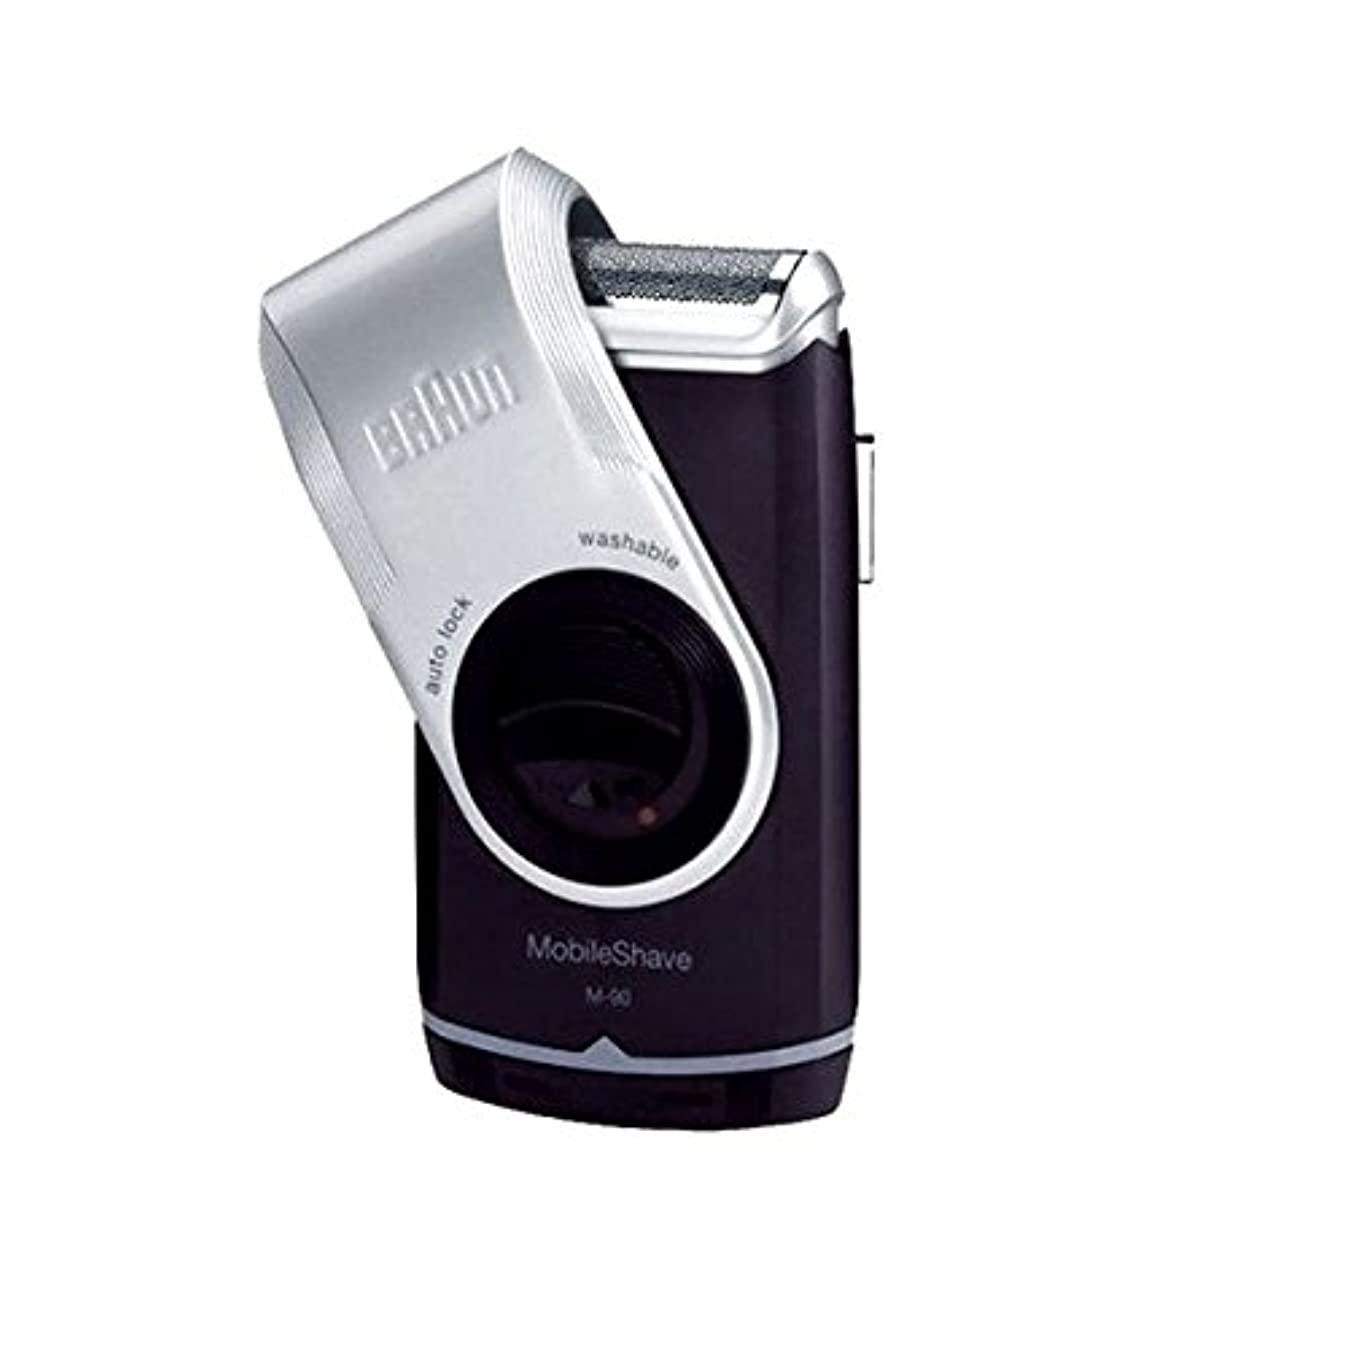 質素な優先カブBRAUN ブラウン 乾電池式 携帯用メンズシェーバー Mobile Shave M-90